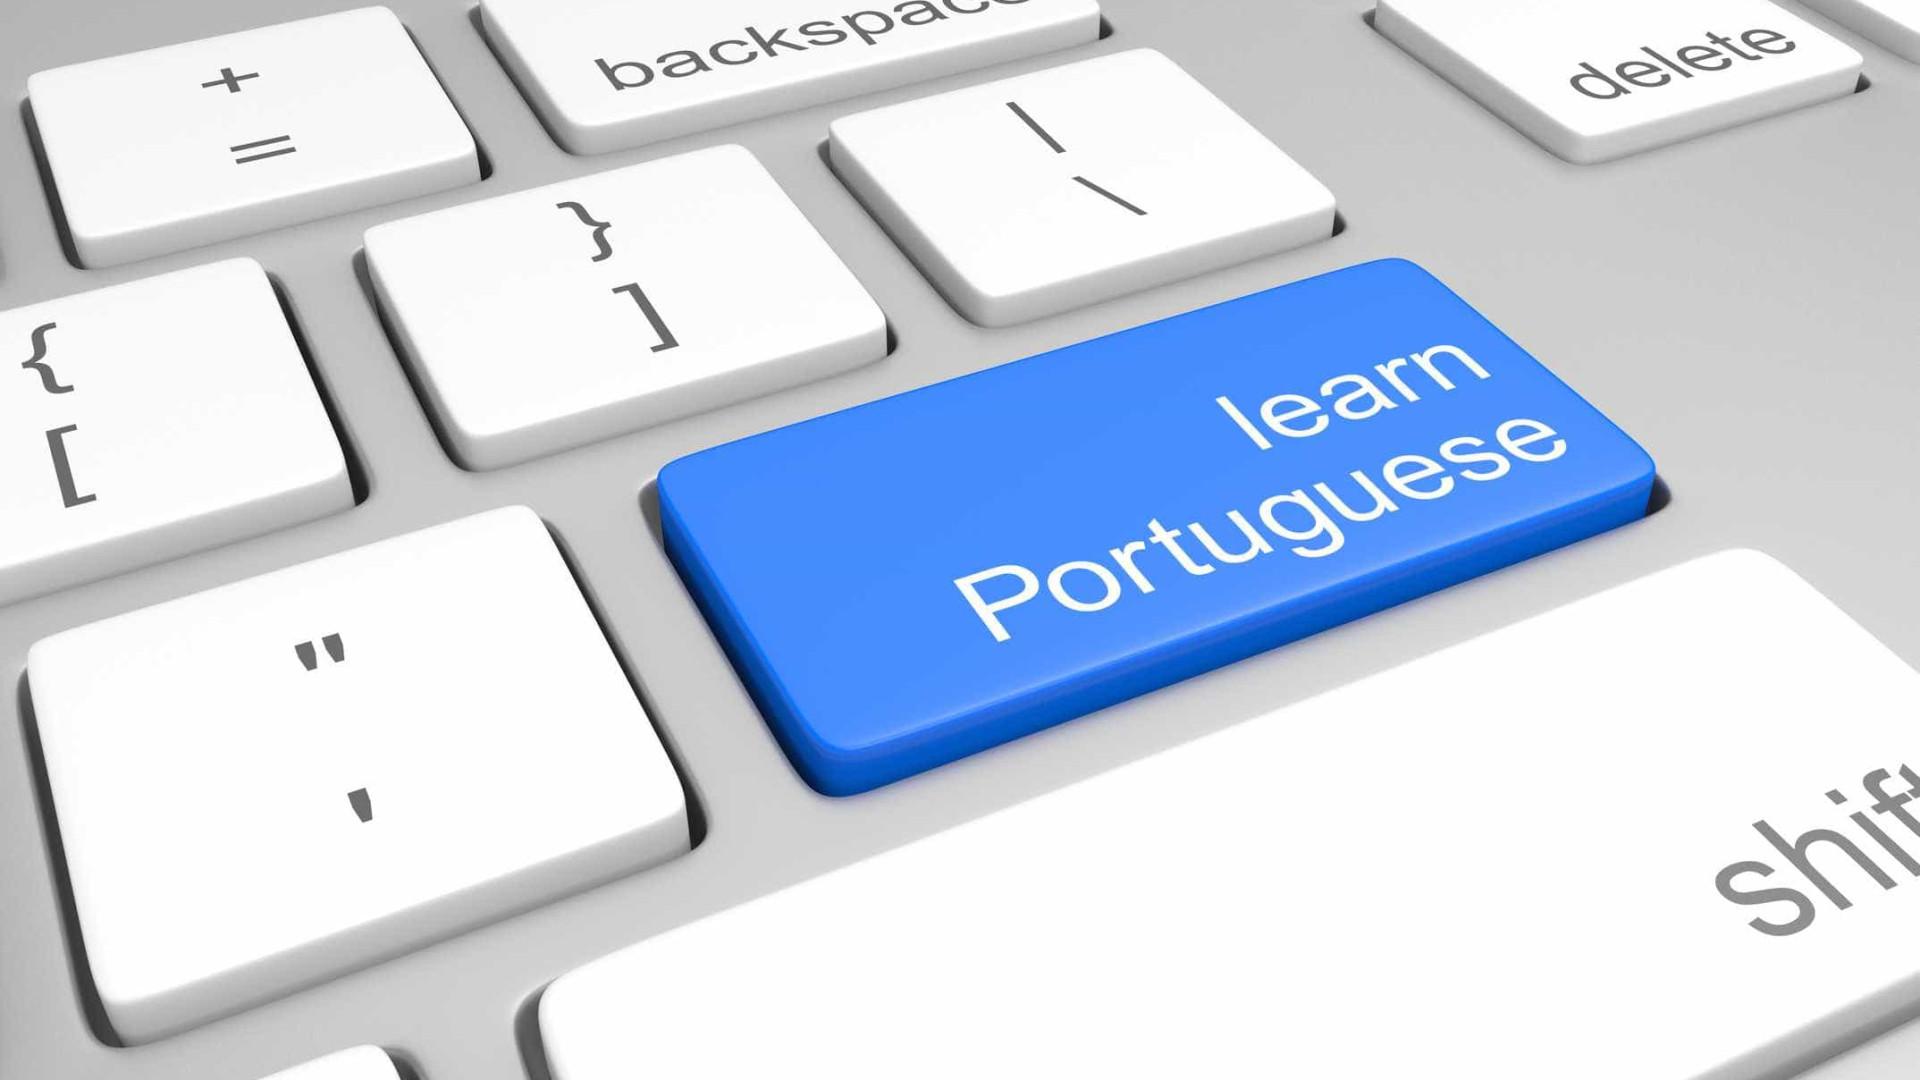 Galiza: Professores de português lançam campanha por ensino de qualidade